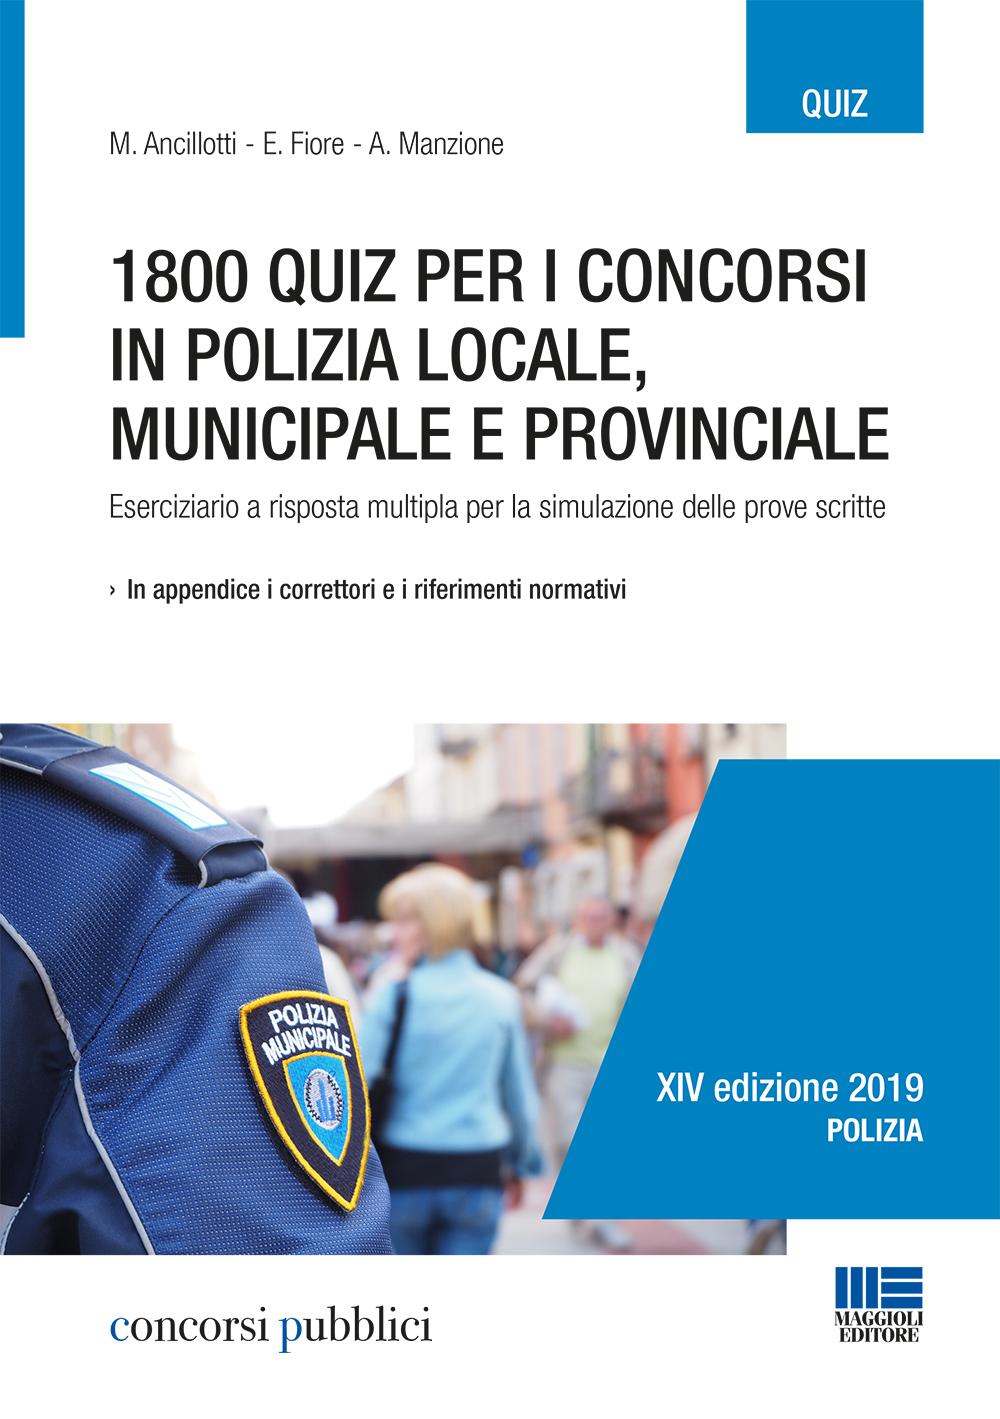 Quiz per i concorsi in polizia locale, municipale